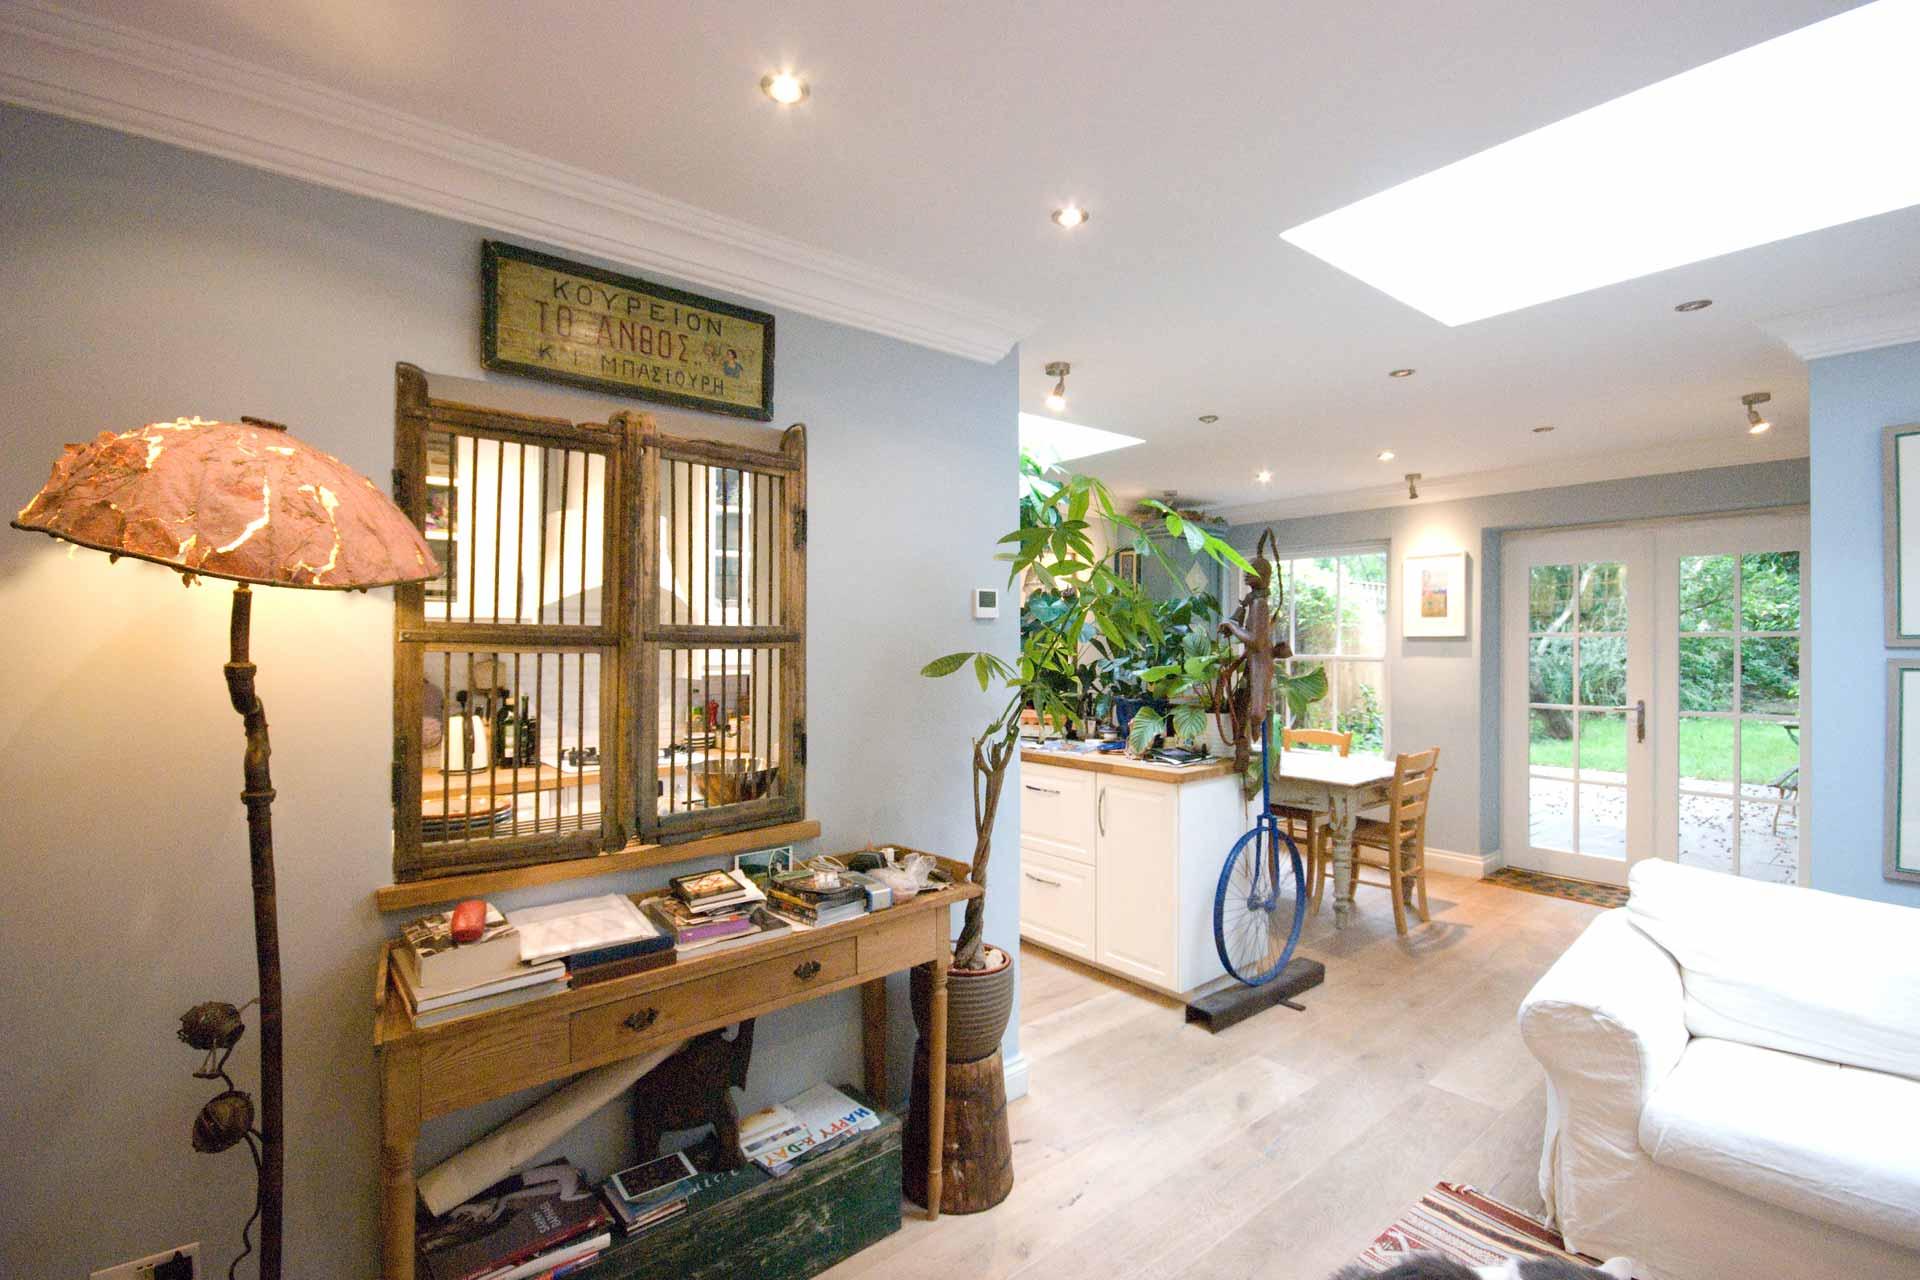 Una casa a Londra:000 ricordi, oggetti, memorie. Un progetto di Roberto Silvestri Architetto